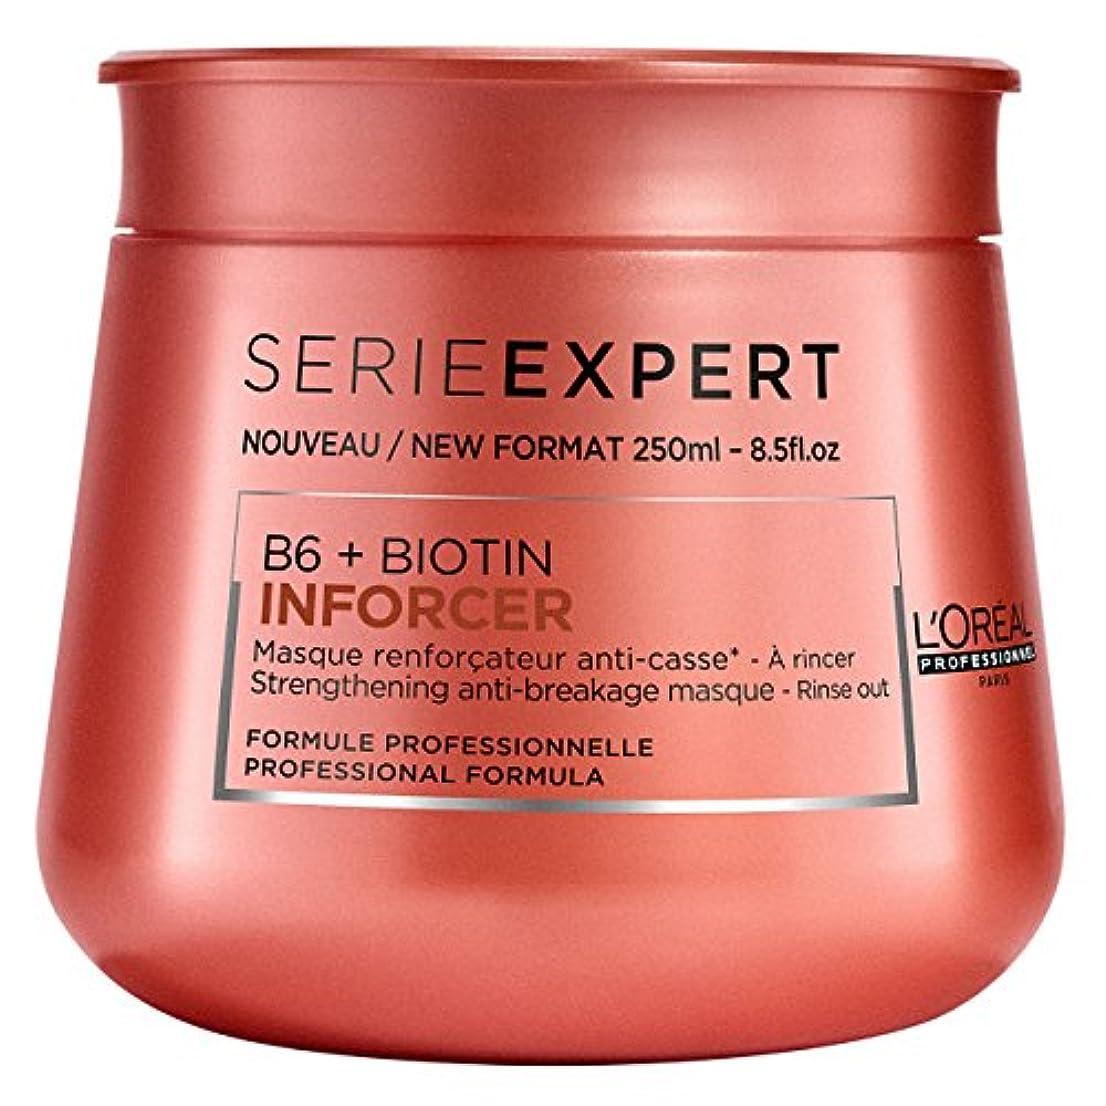 抜本的な小人ばかげているL'Oreal Serie Expert B6 + Biotin INFORCER Strengthening Anti-Breakage Masque 250 ml [並行輸入品]